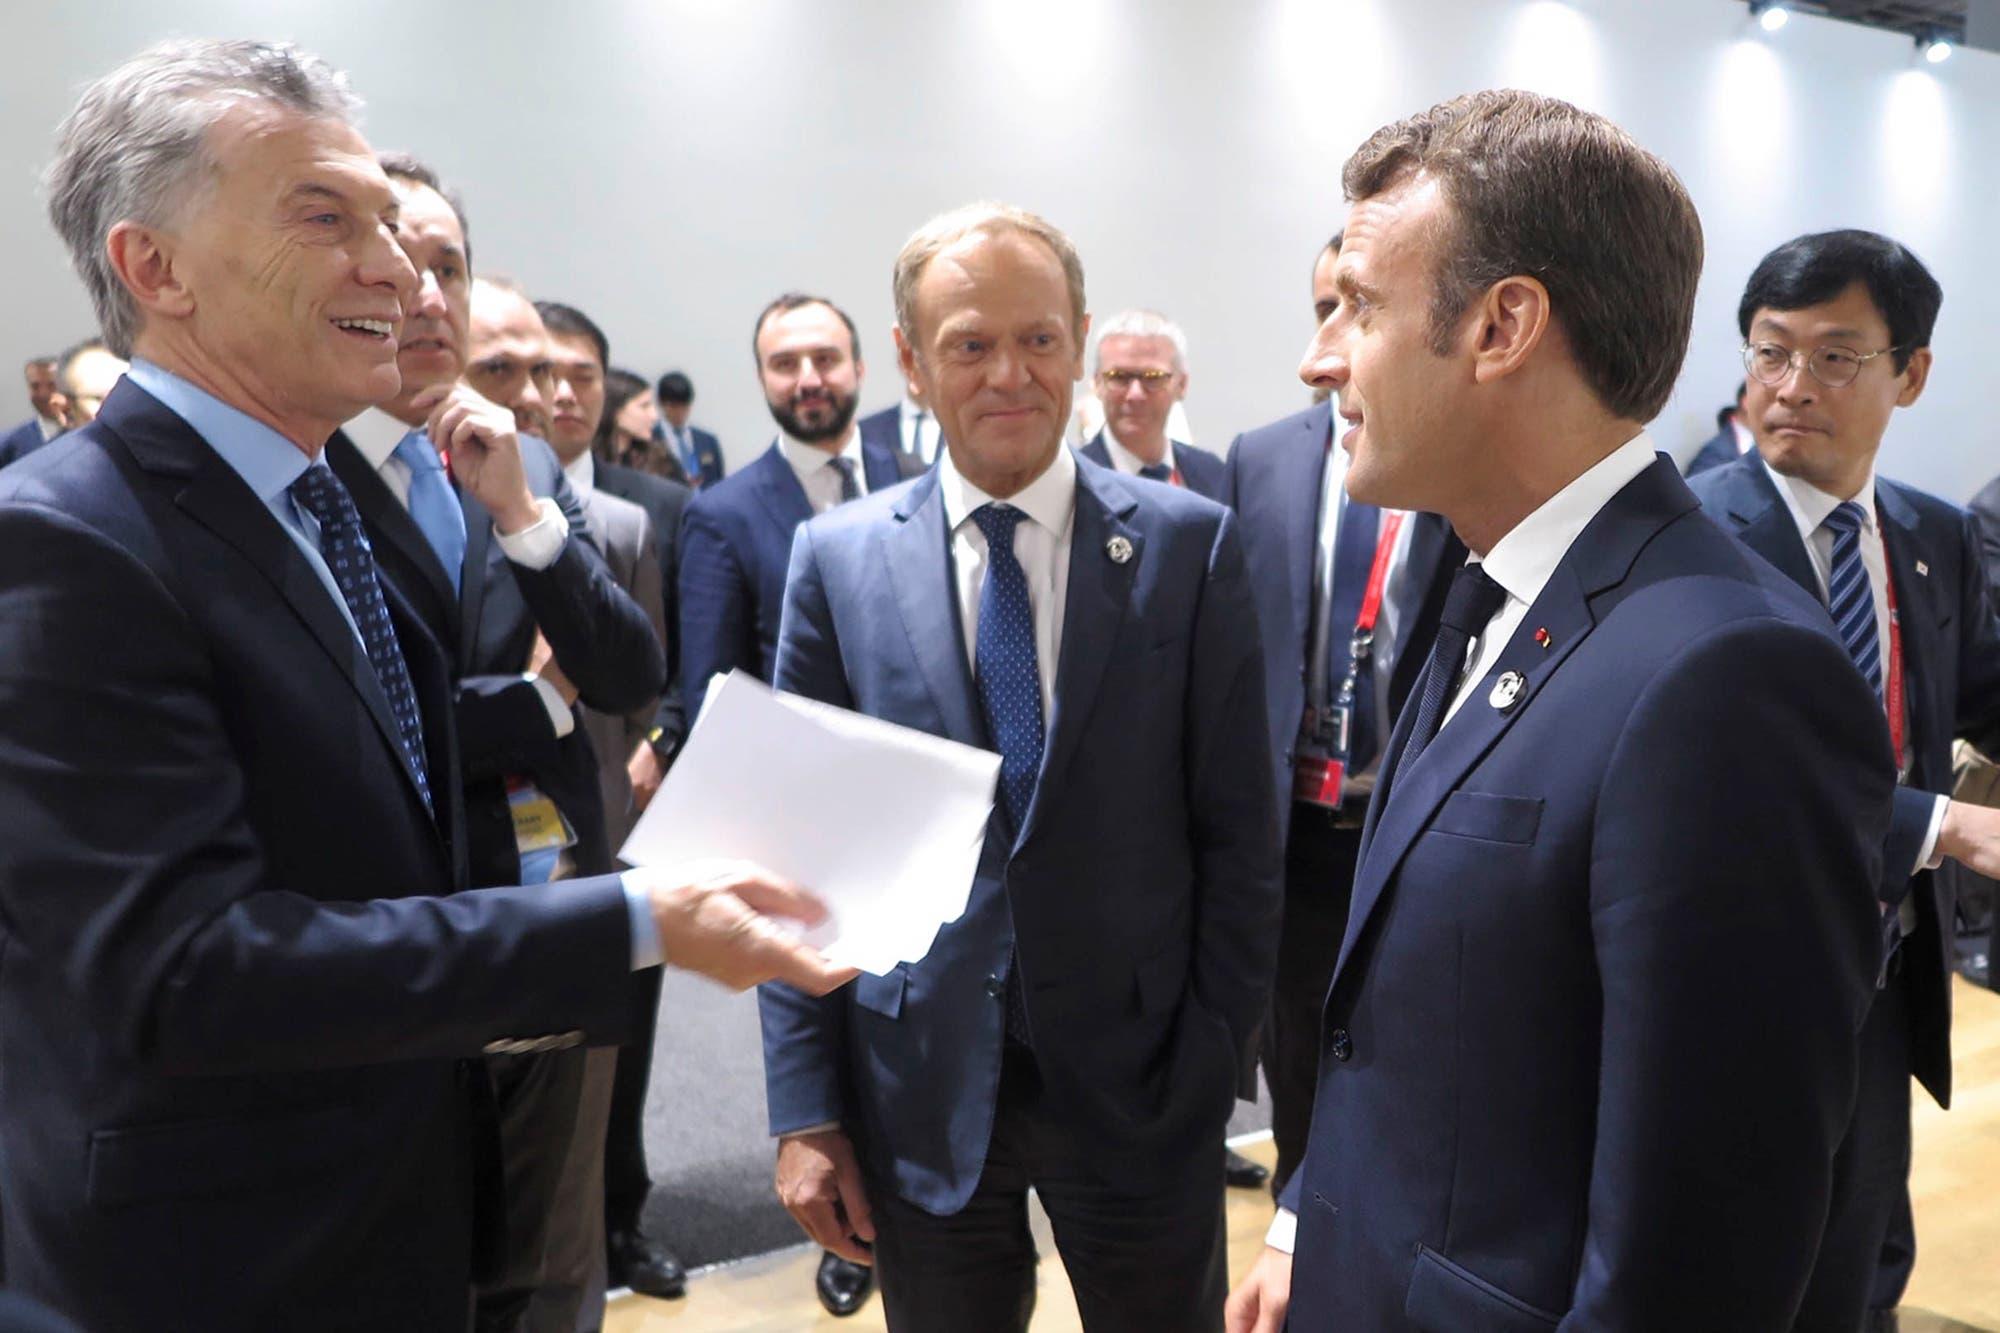 Los tres interrogantes de Francia sobre el acuerdo Mercosur-Unión Europea